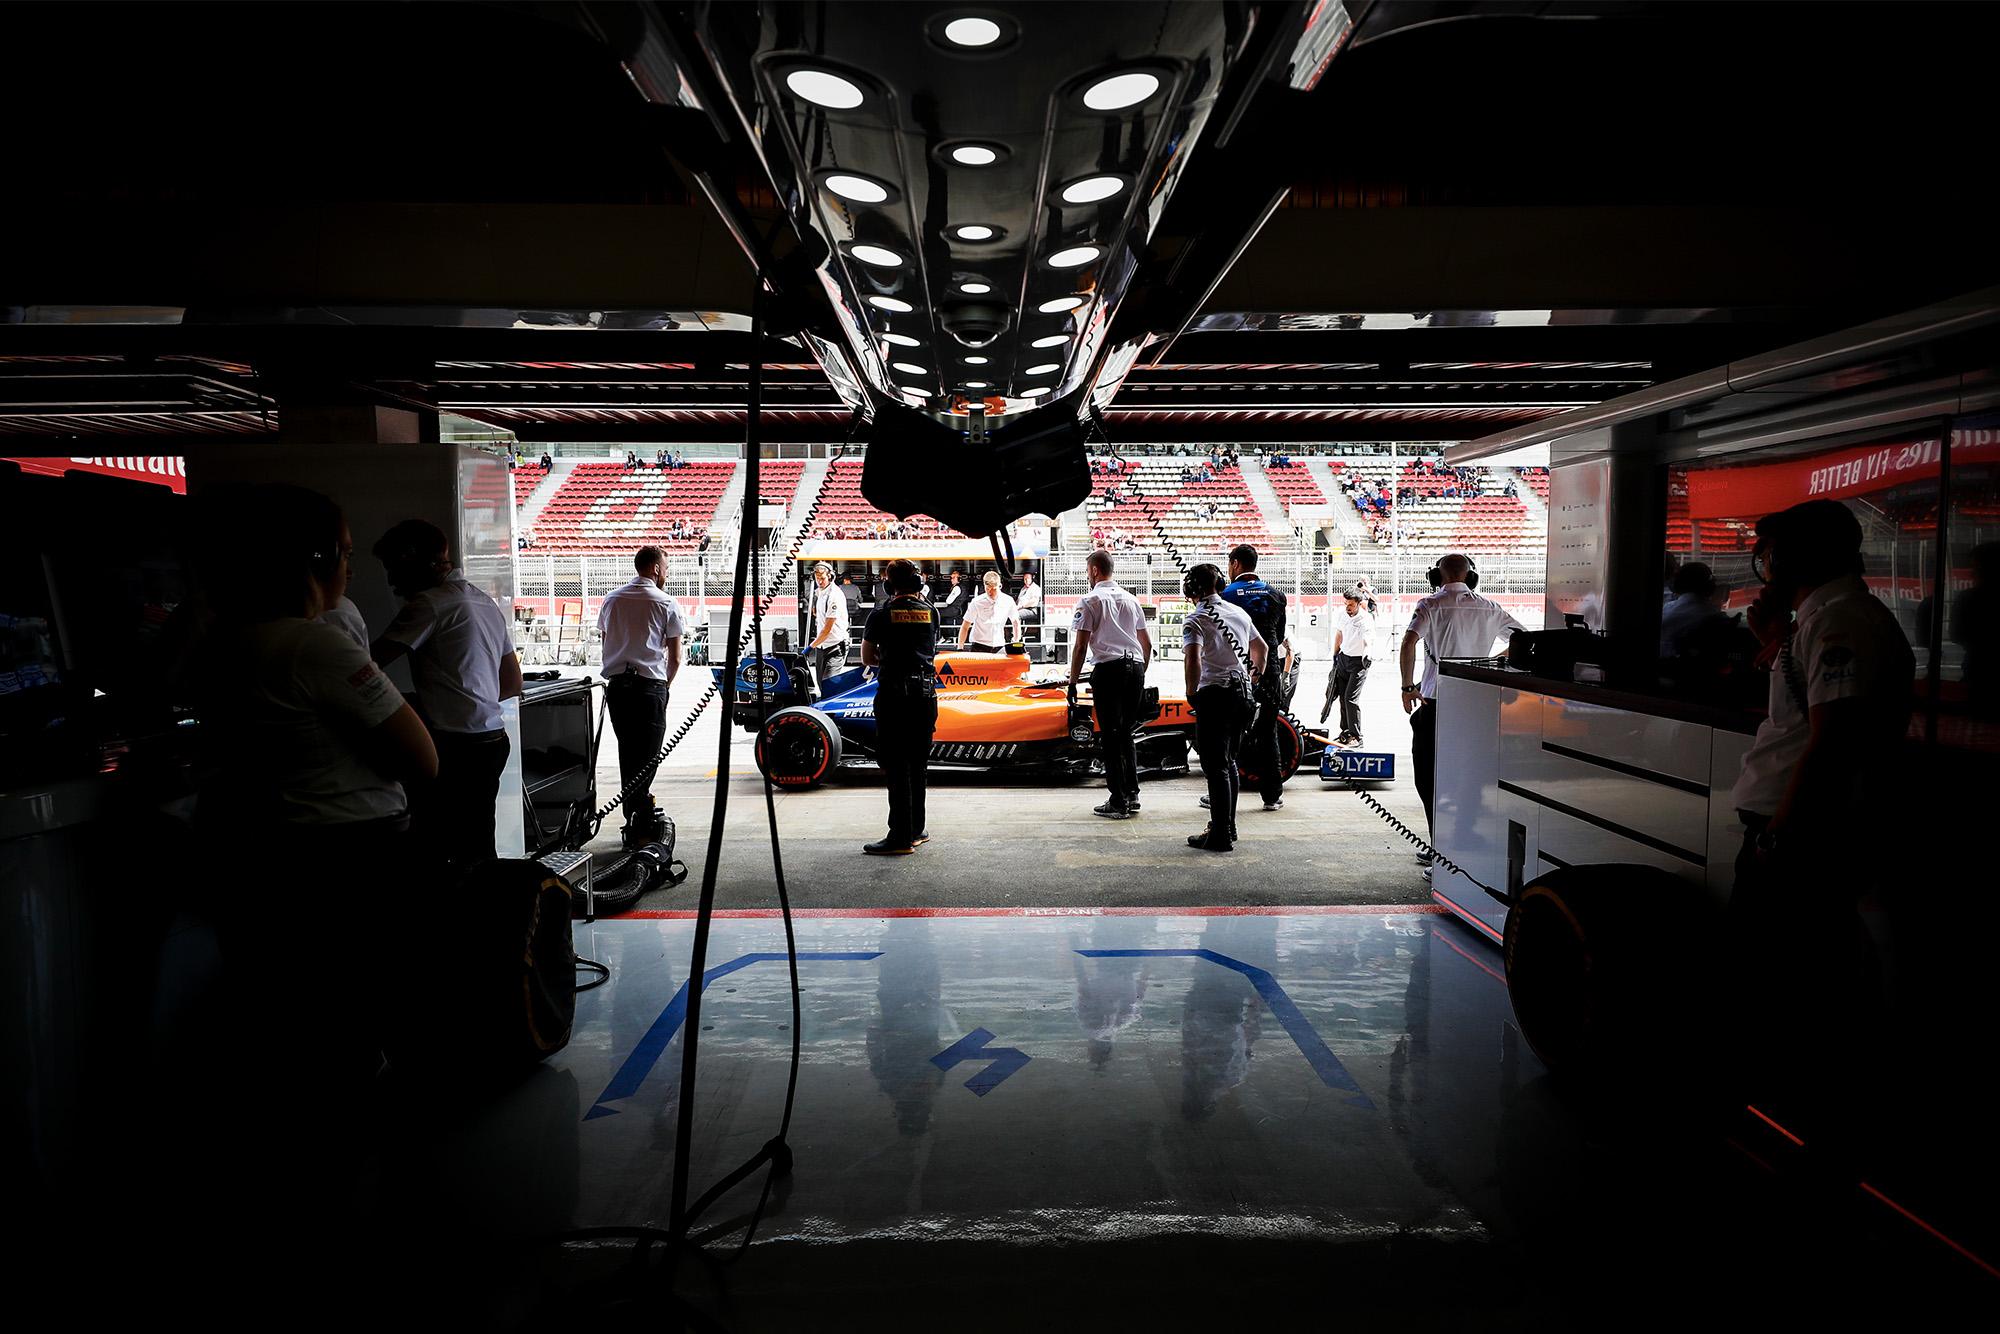 2019 McLaren pit garage